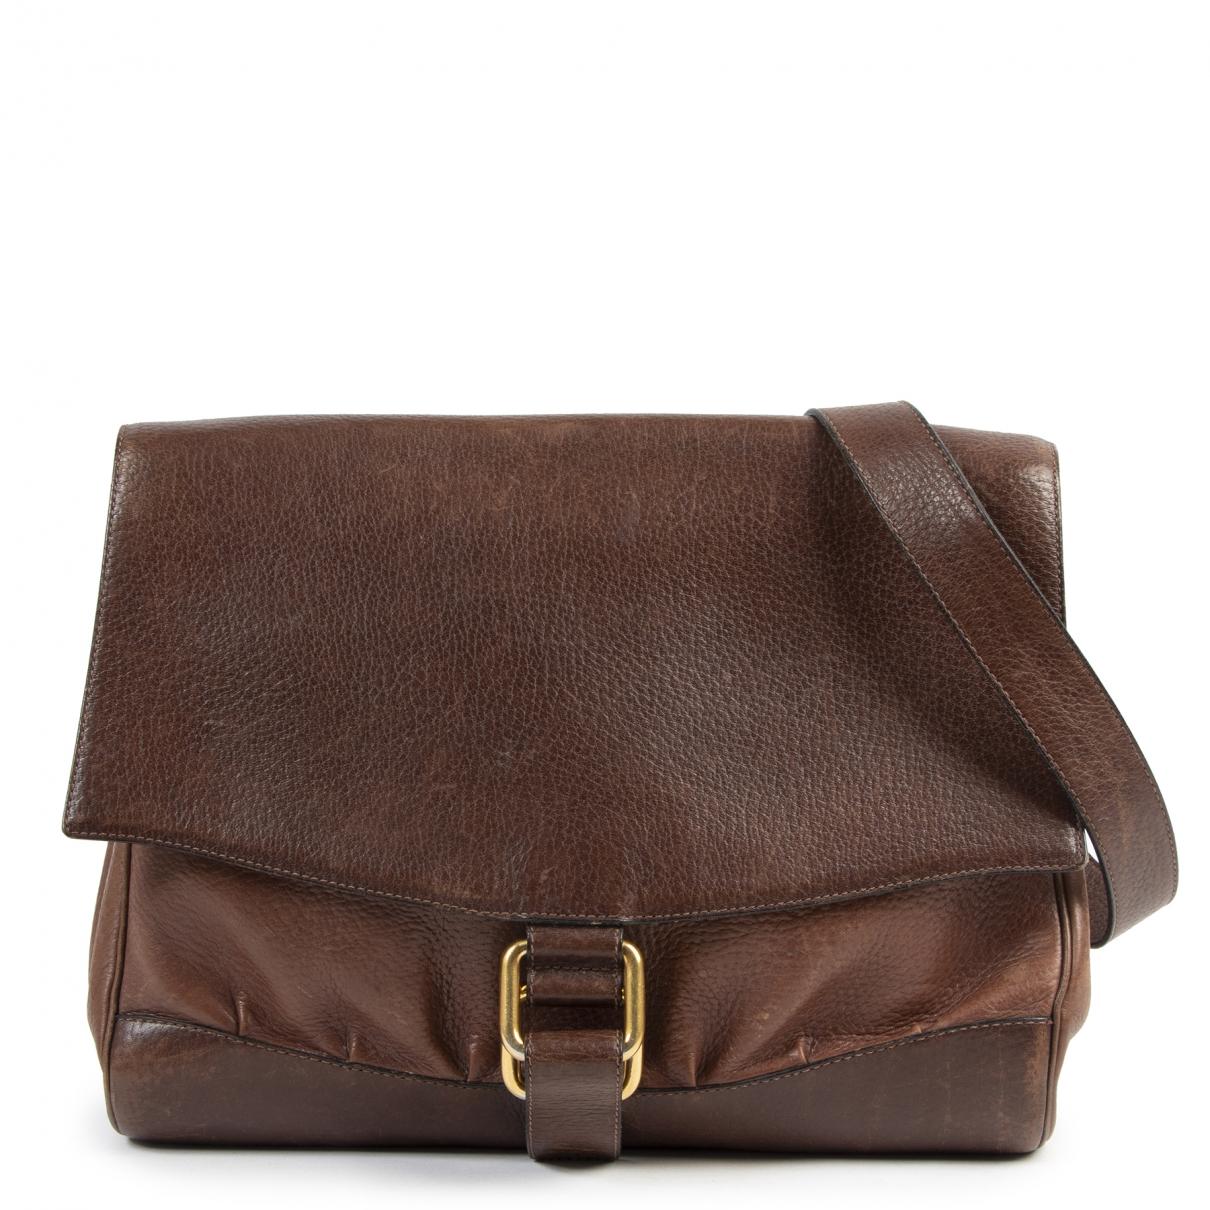 Delvaux \N Brown Leather handbag for Women \N